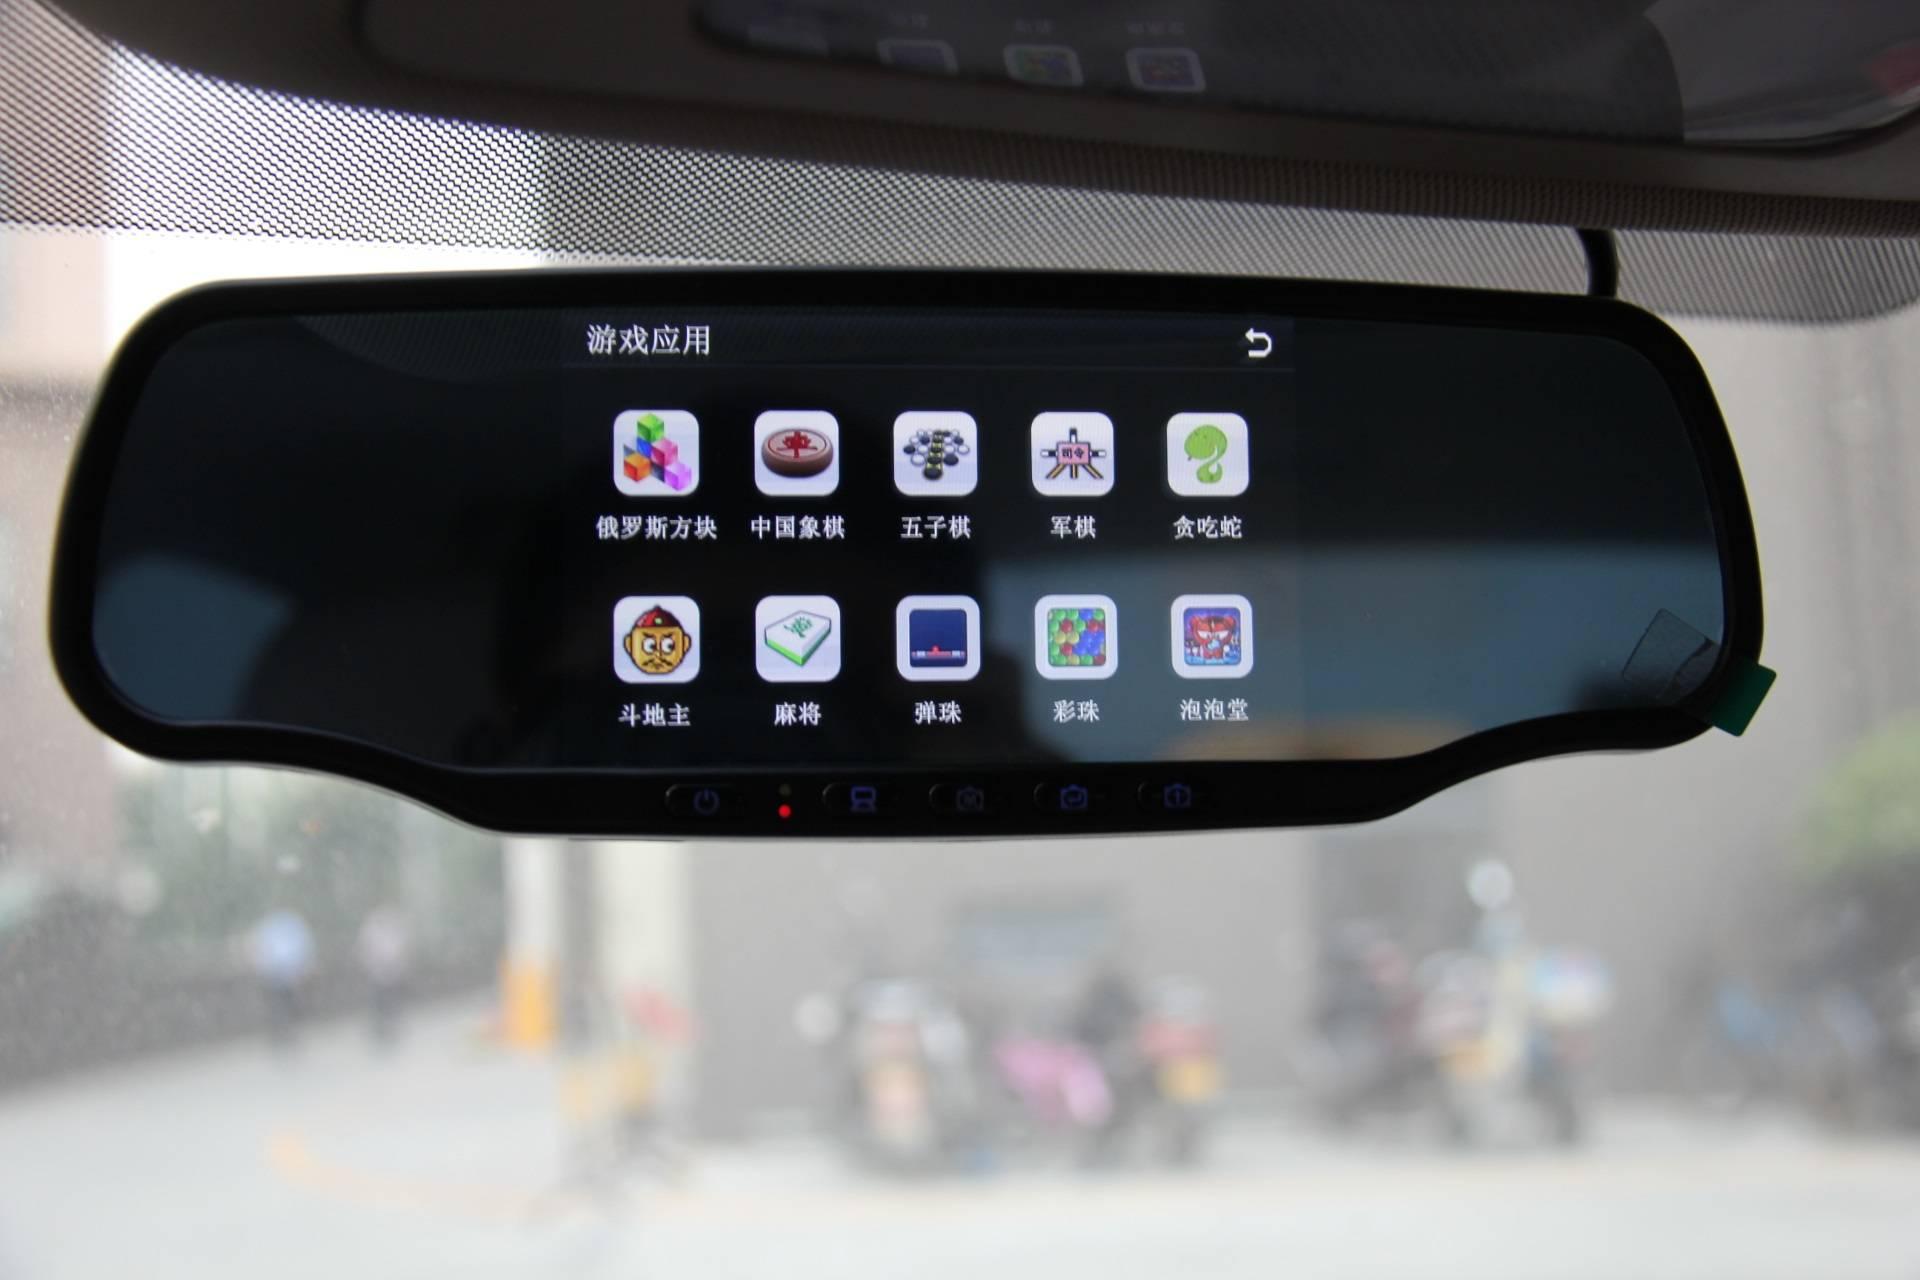 Aftermarket Backup Camera >> Bluetooth Aftermarket Backup Camera With Gps Dvr Function Roadtom